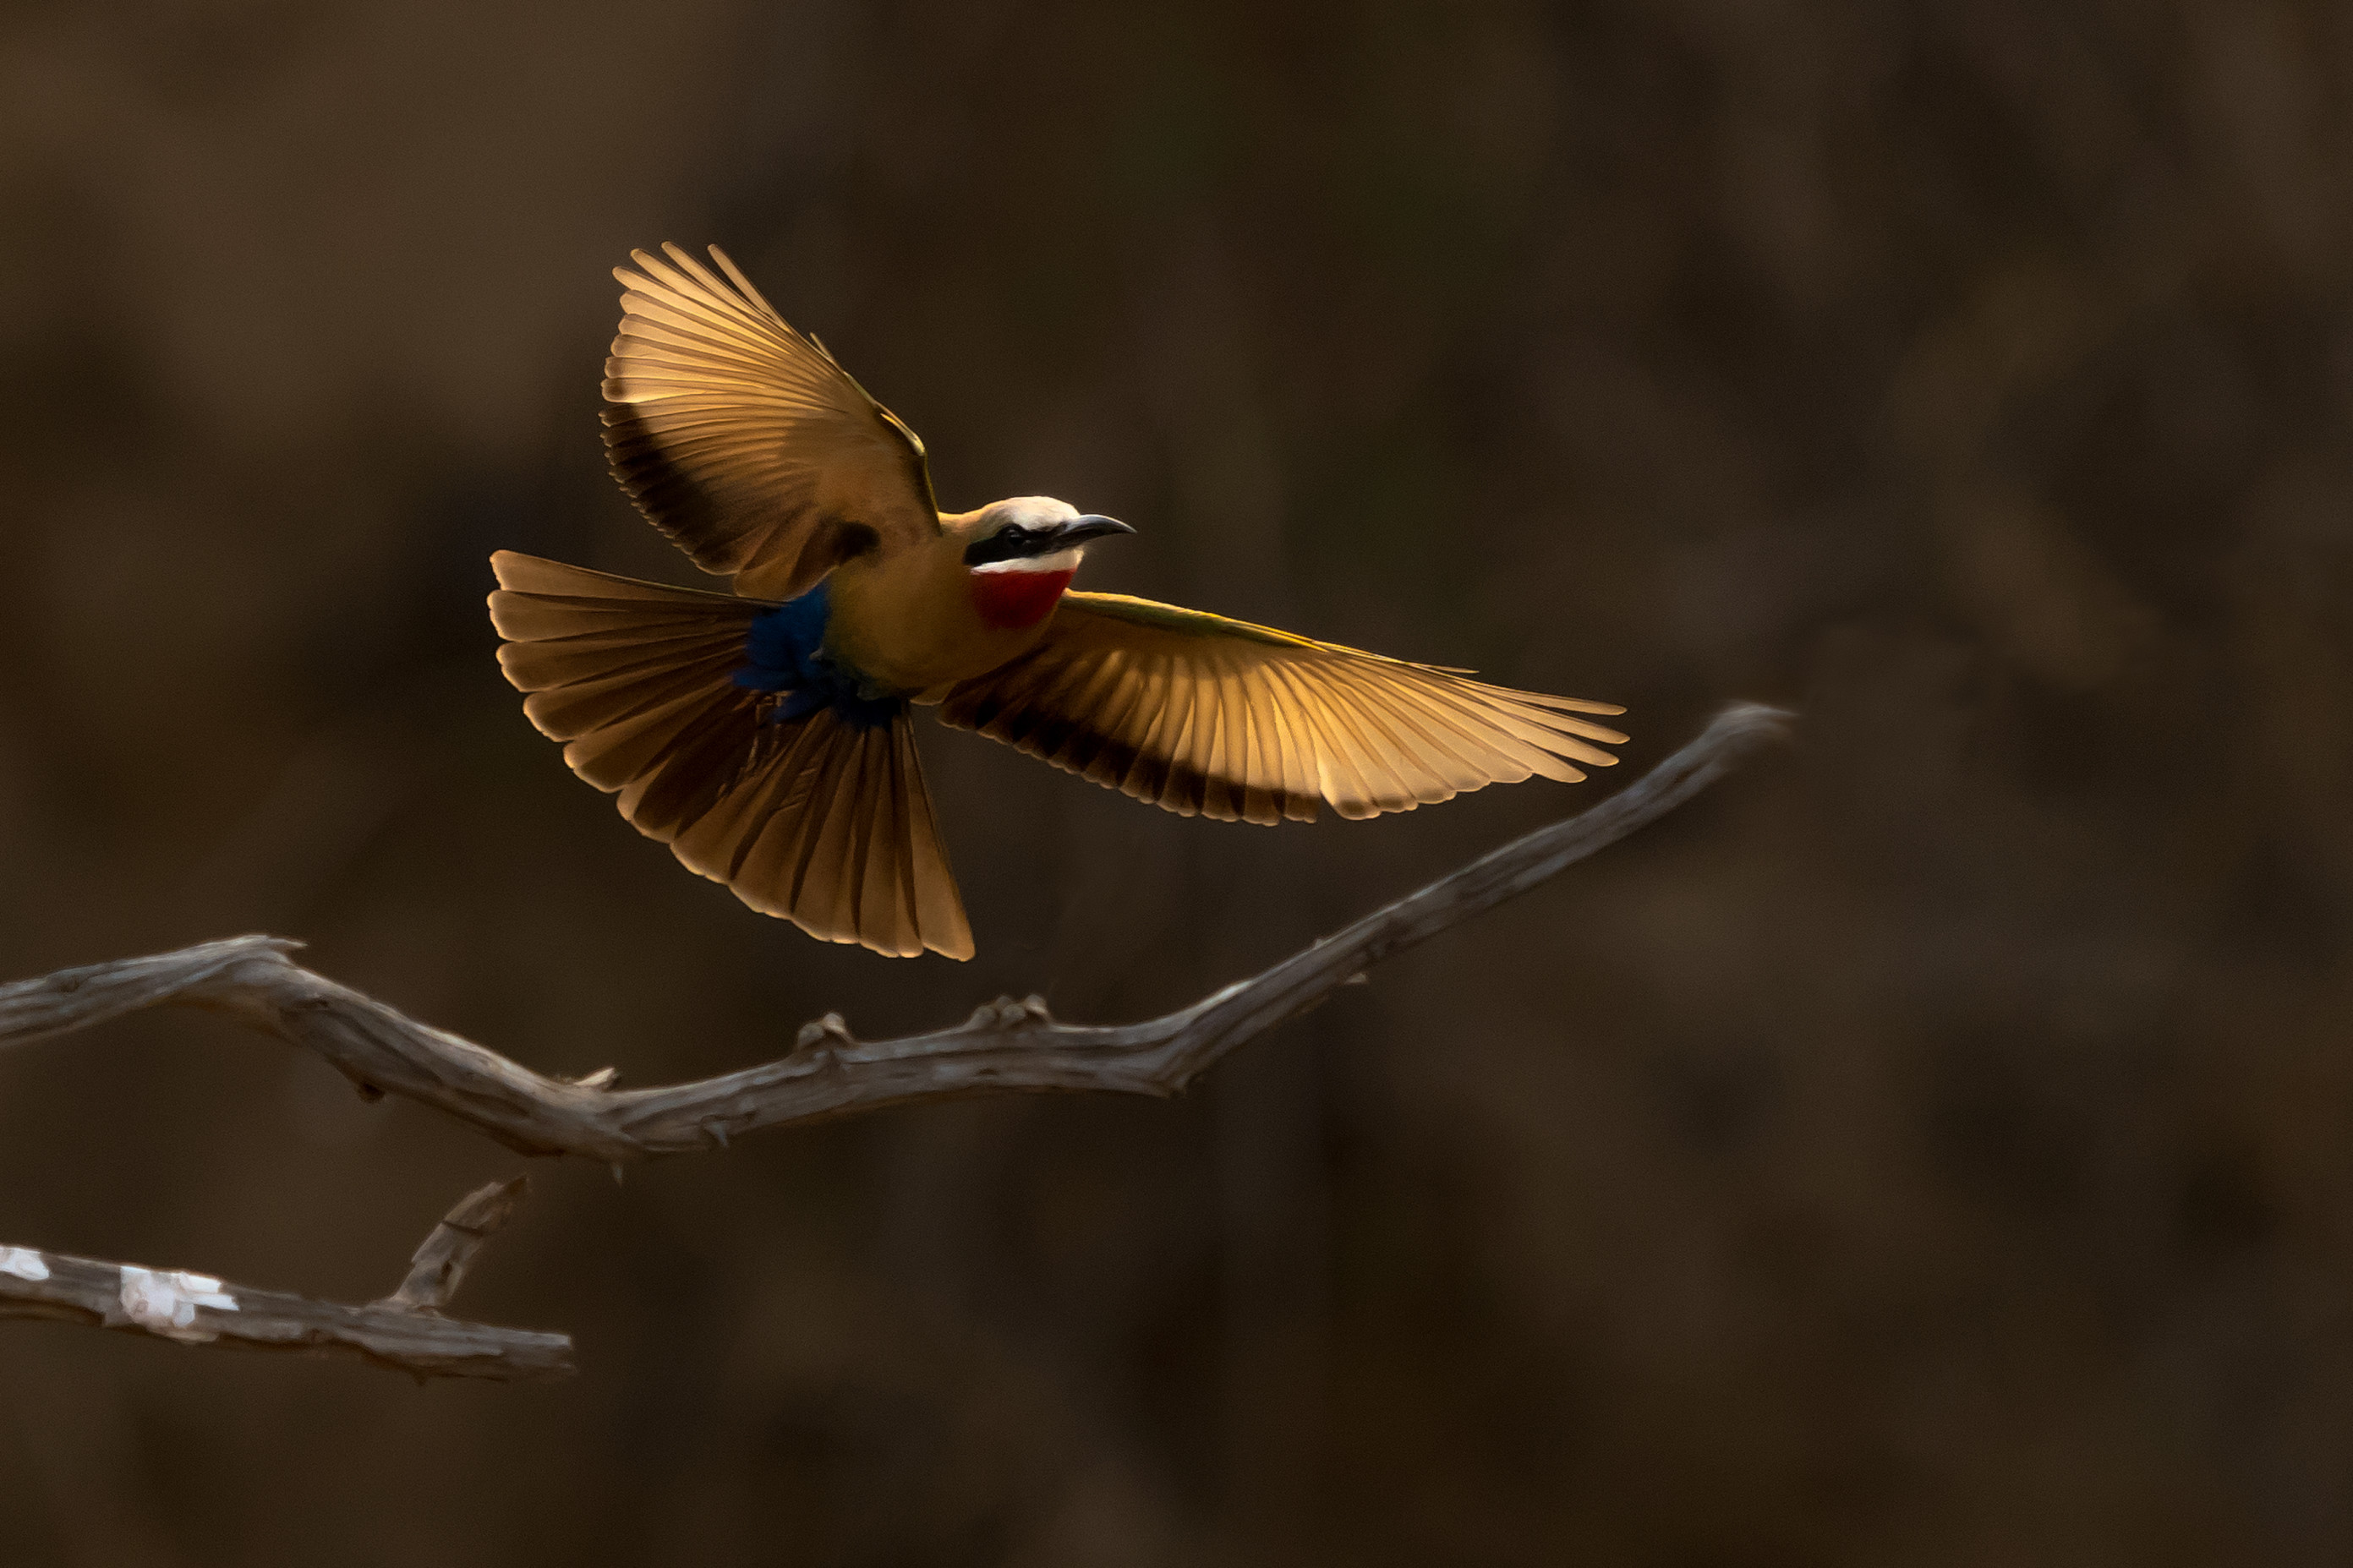 vogels zimanga 0757